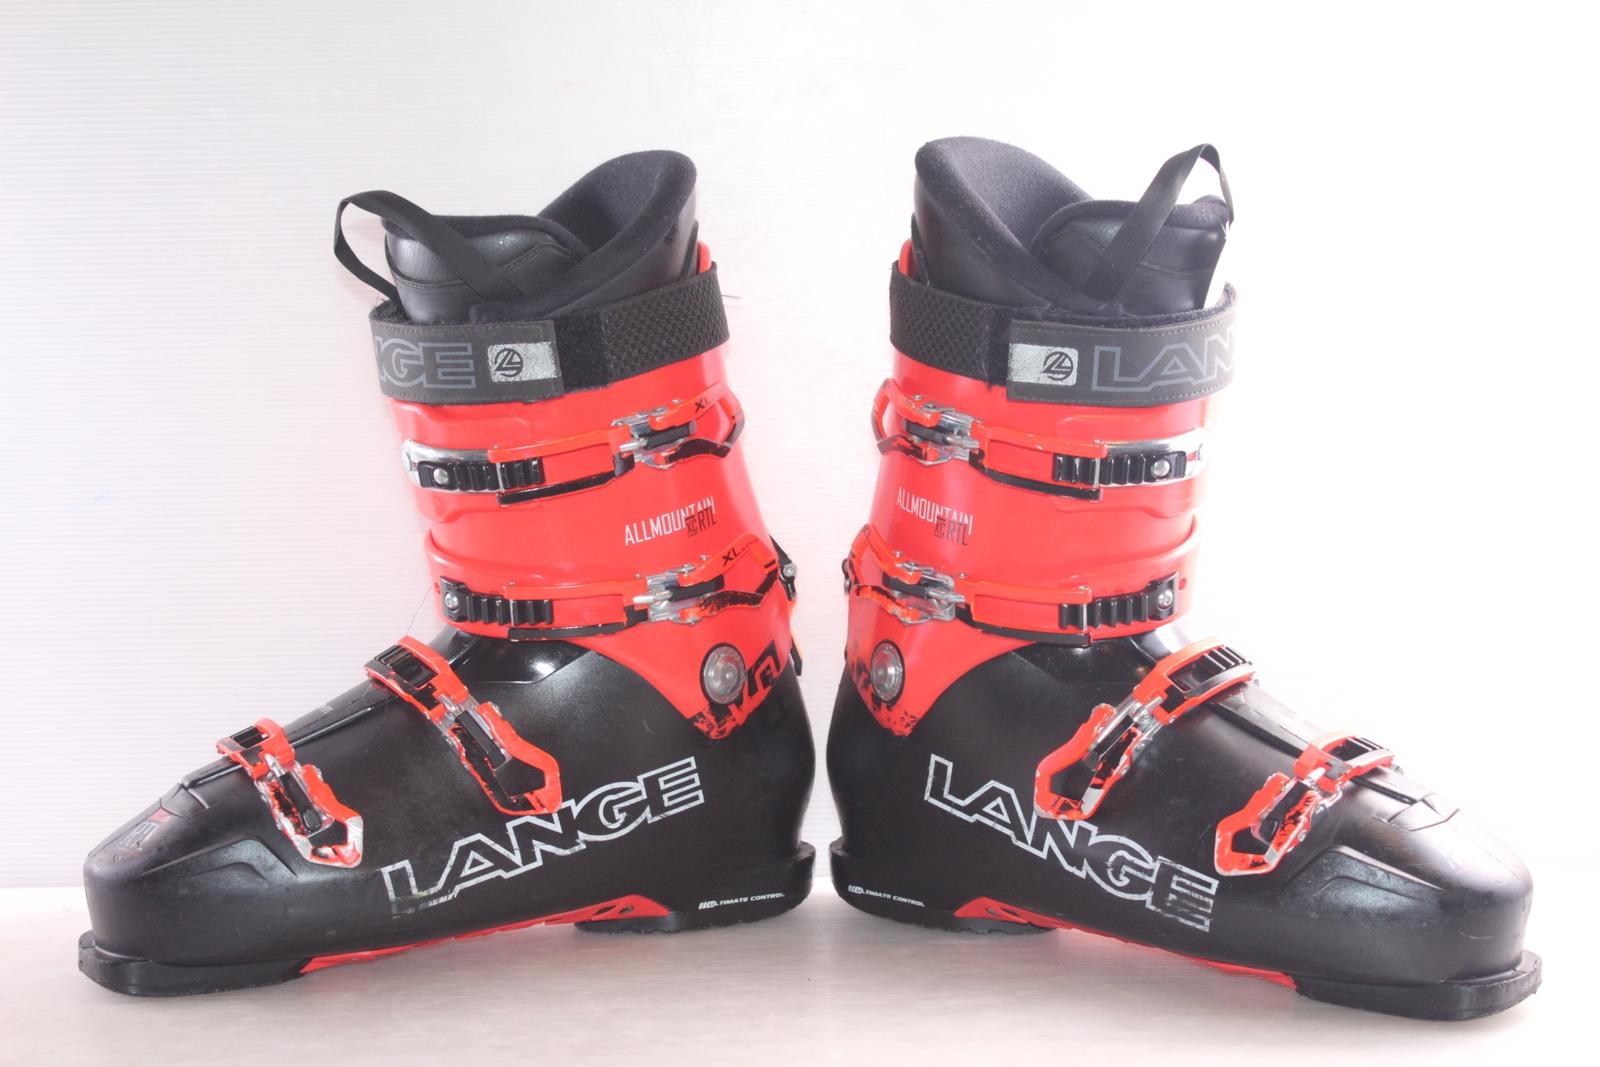 Lyžařské boty Lange All Mountain XC RTL vel. EU46 flexe 90